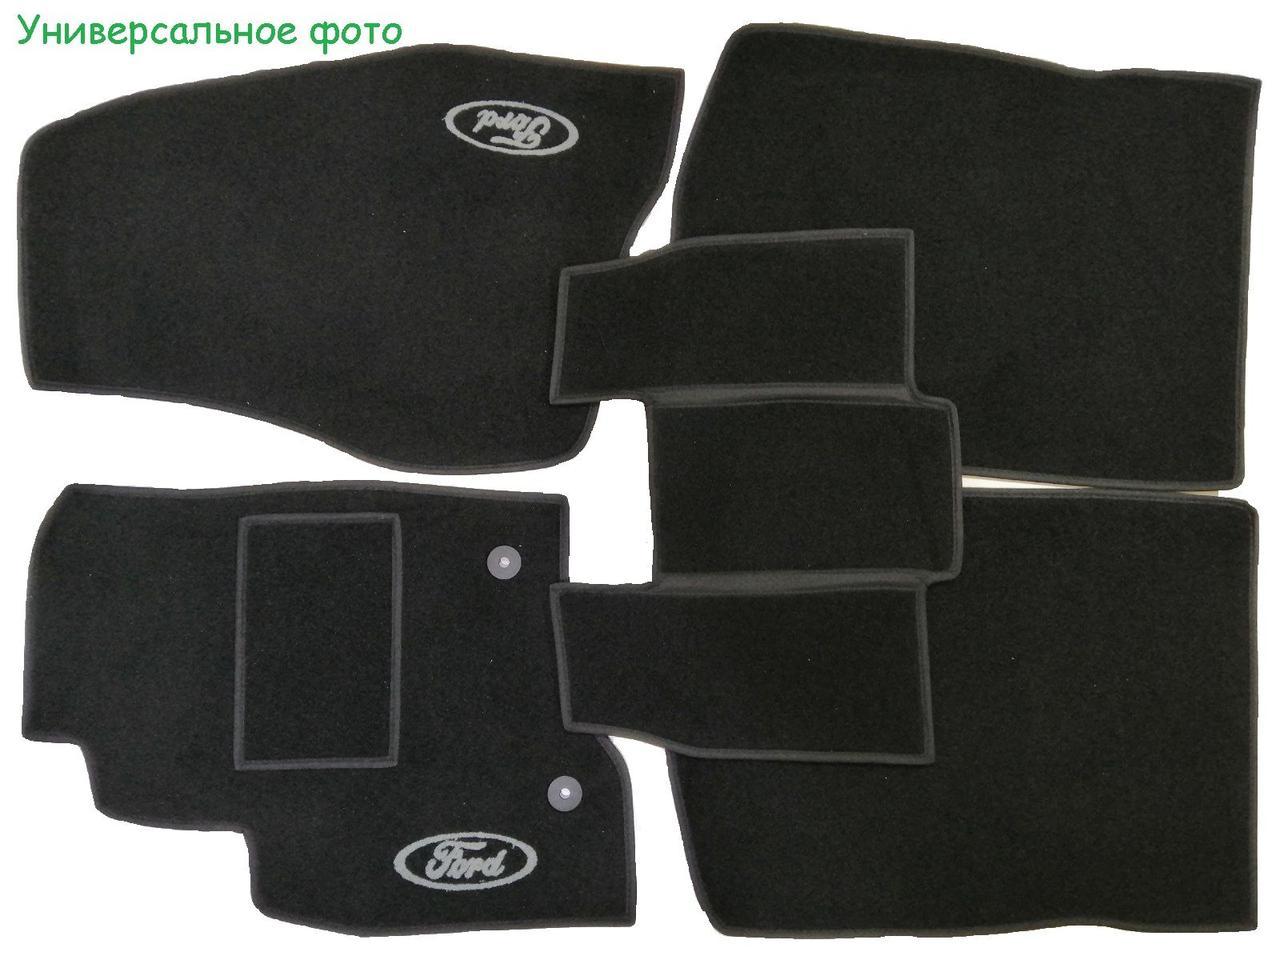 Килимки ворсові в салон на Nissan X-TerraII'04 - чорні